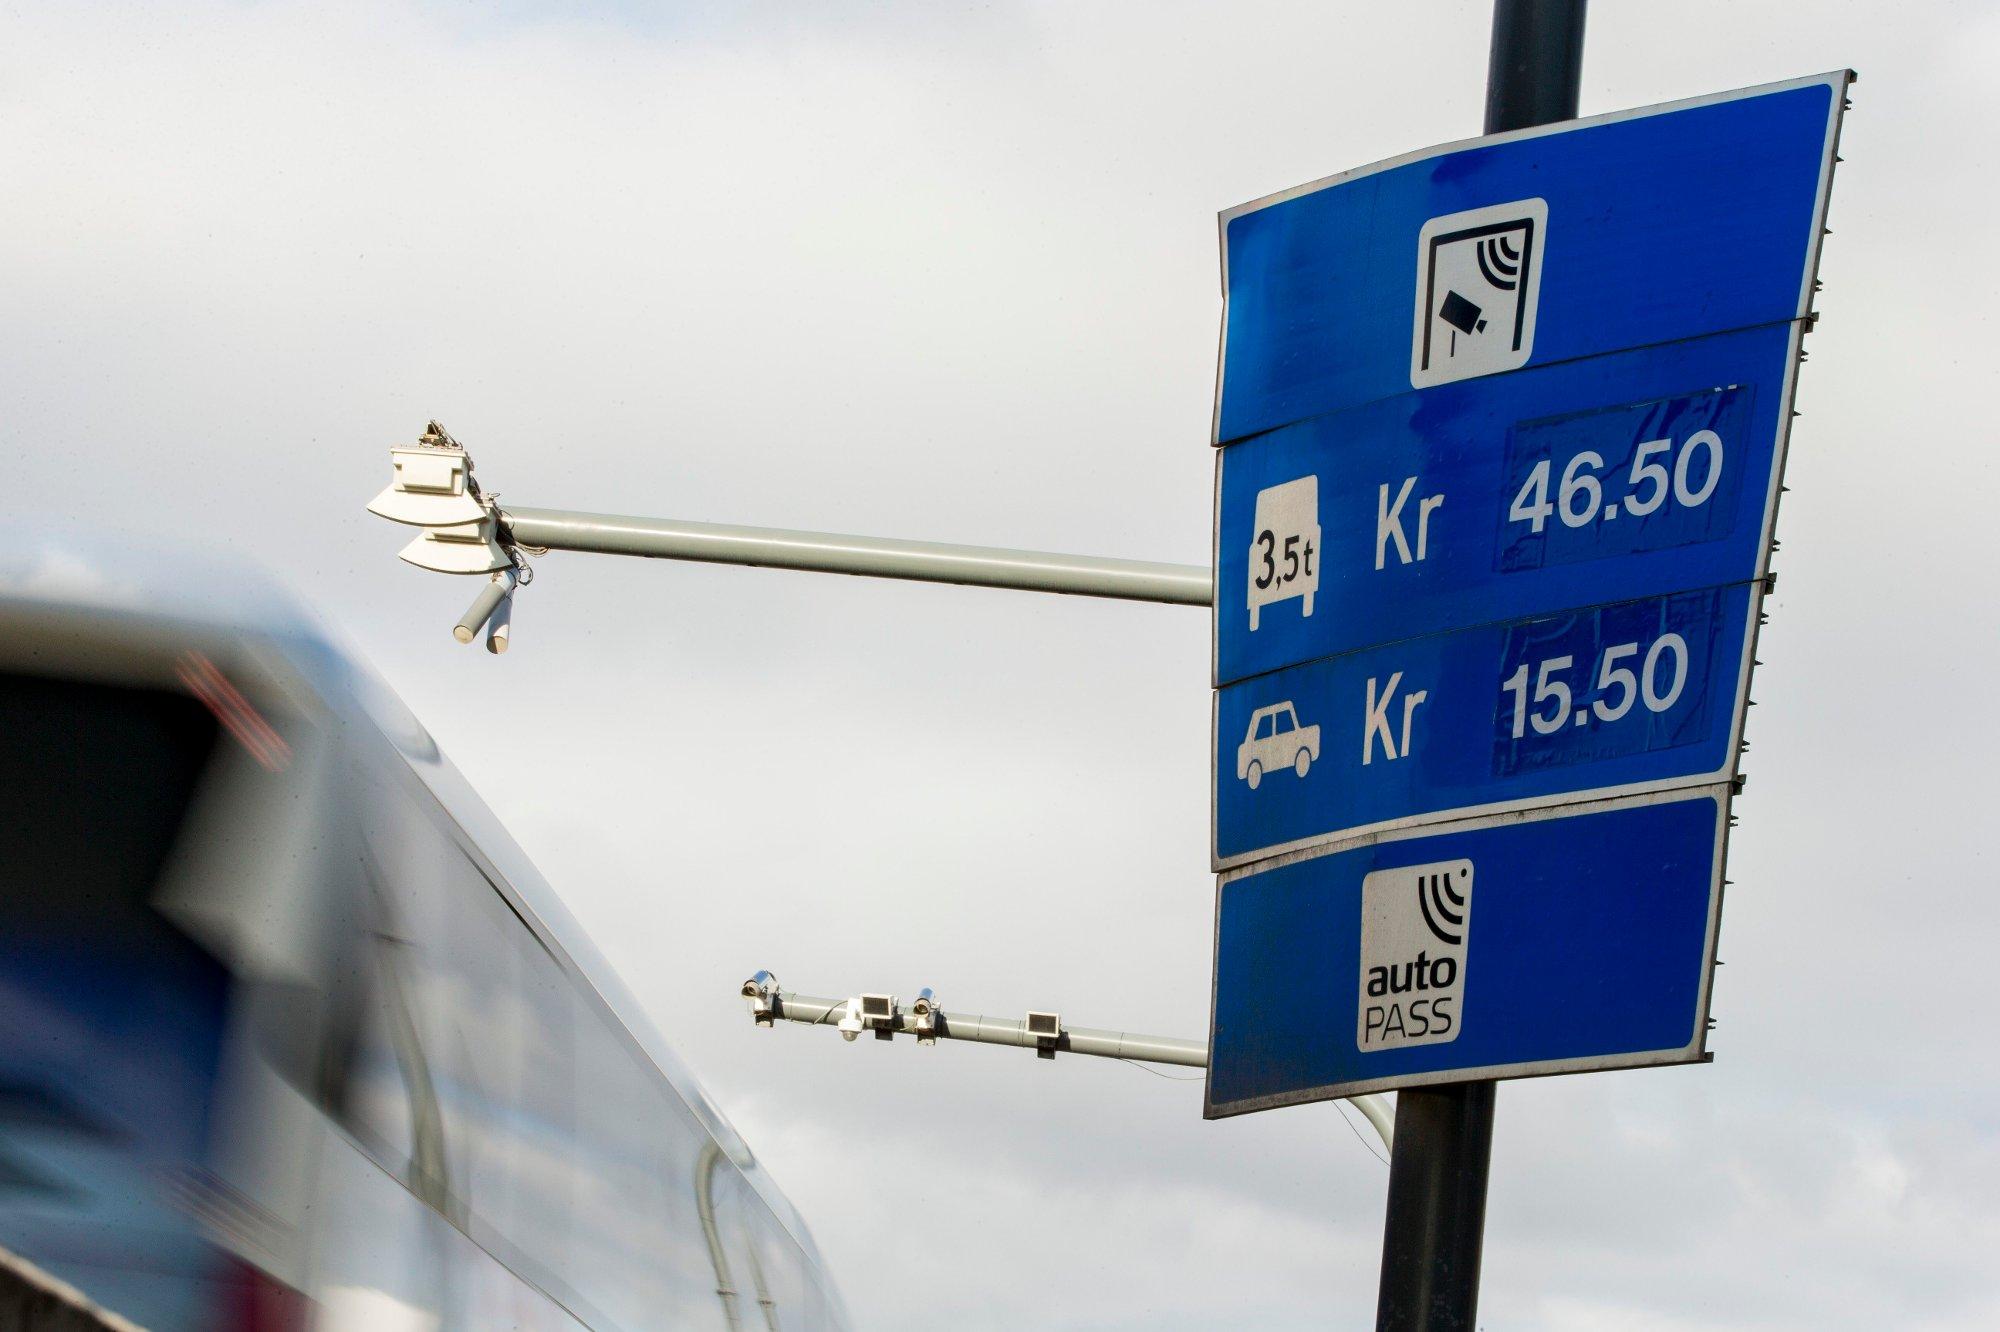 Vil fjerne alle bompenger i Norge: Har pengene stående på konto for å betale regningen